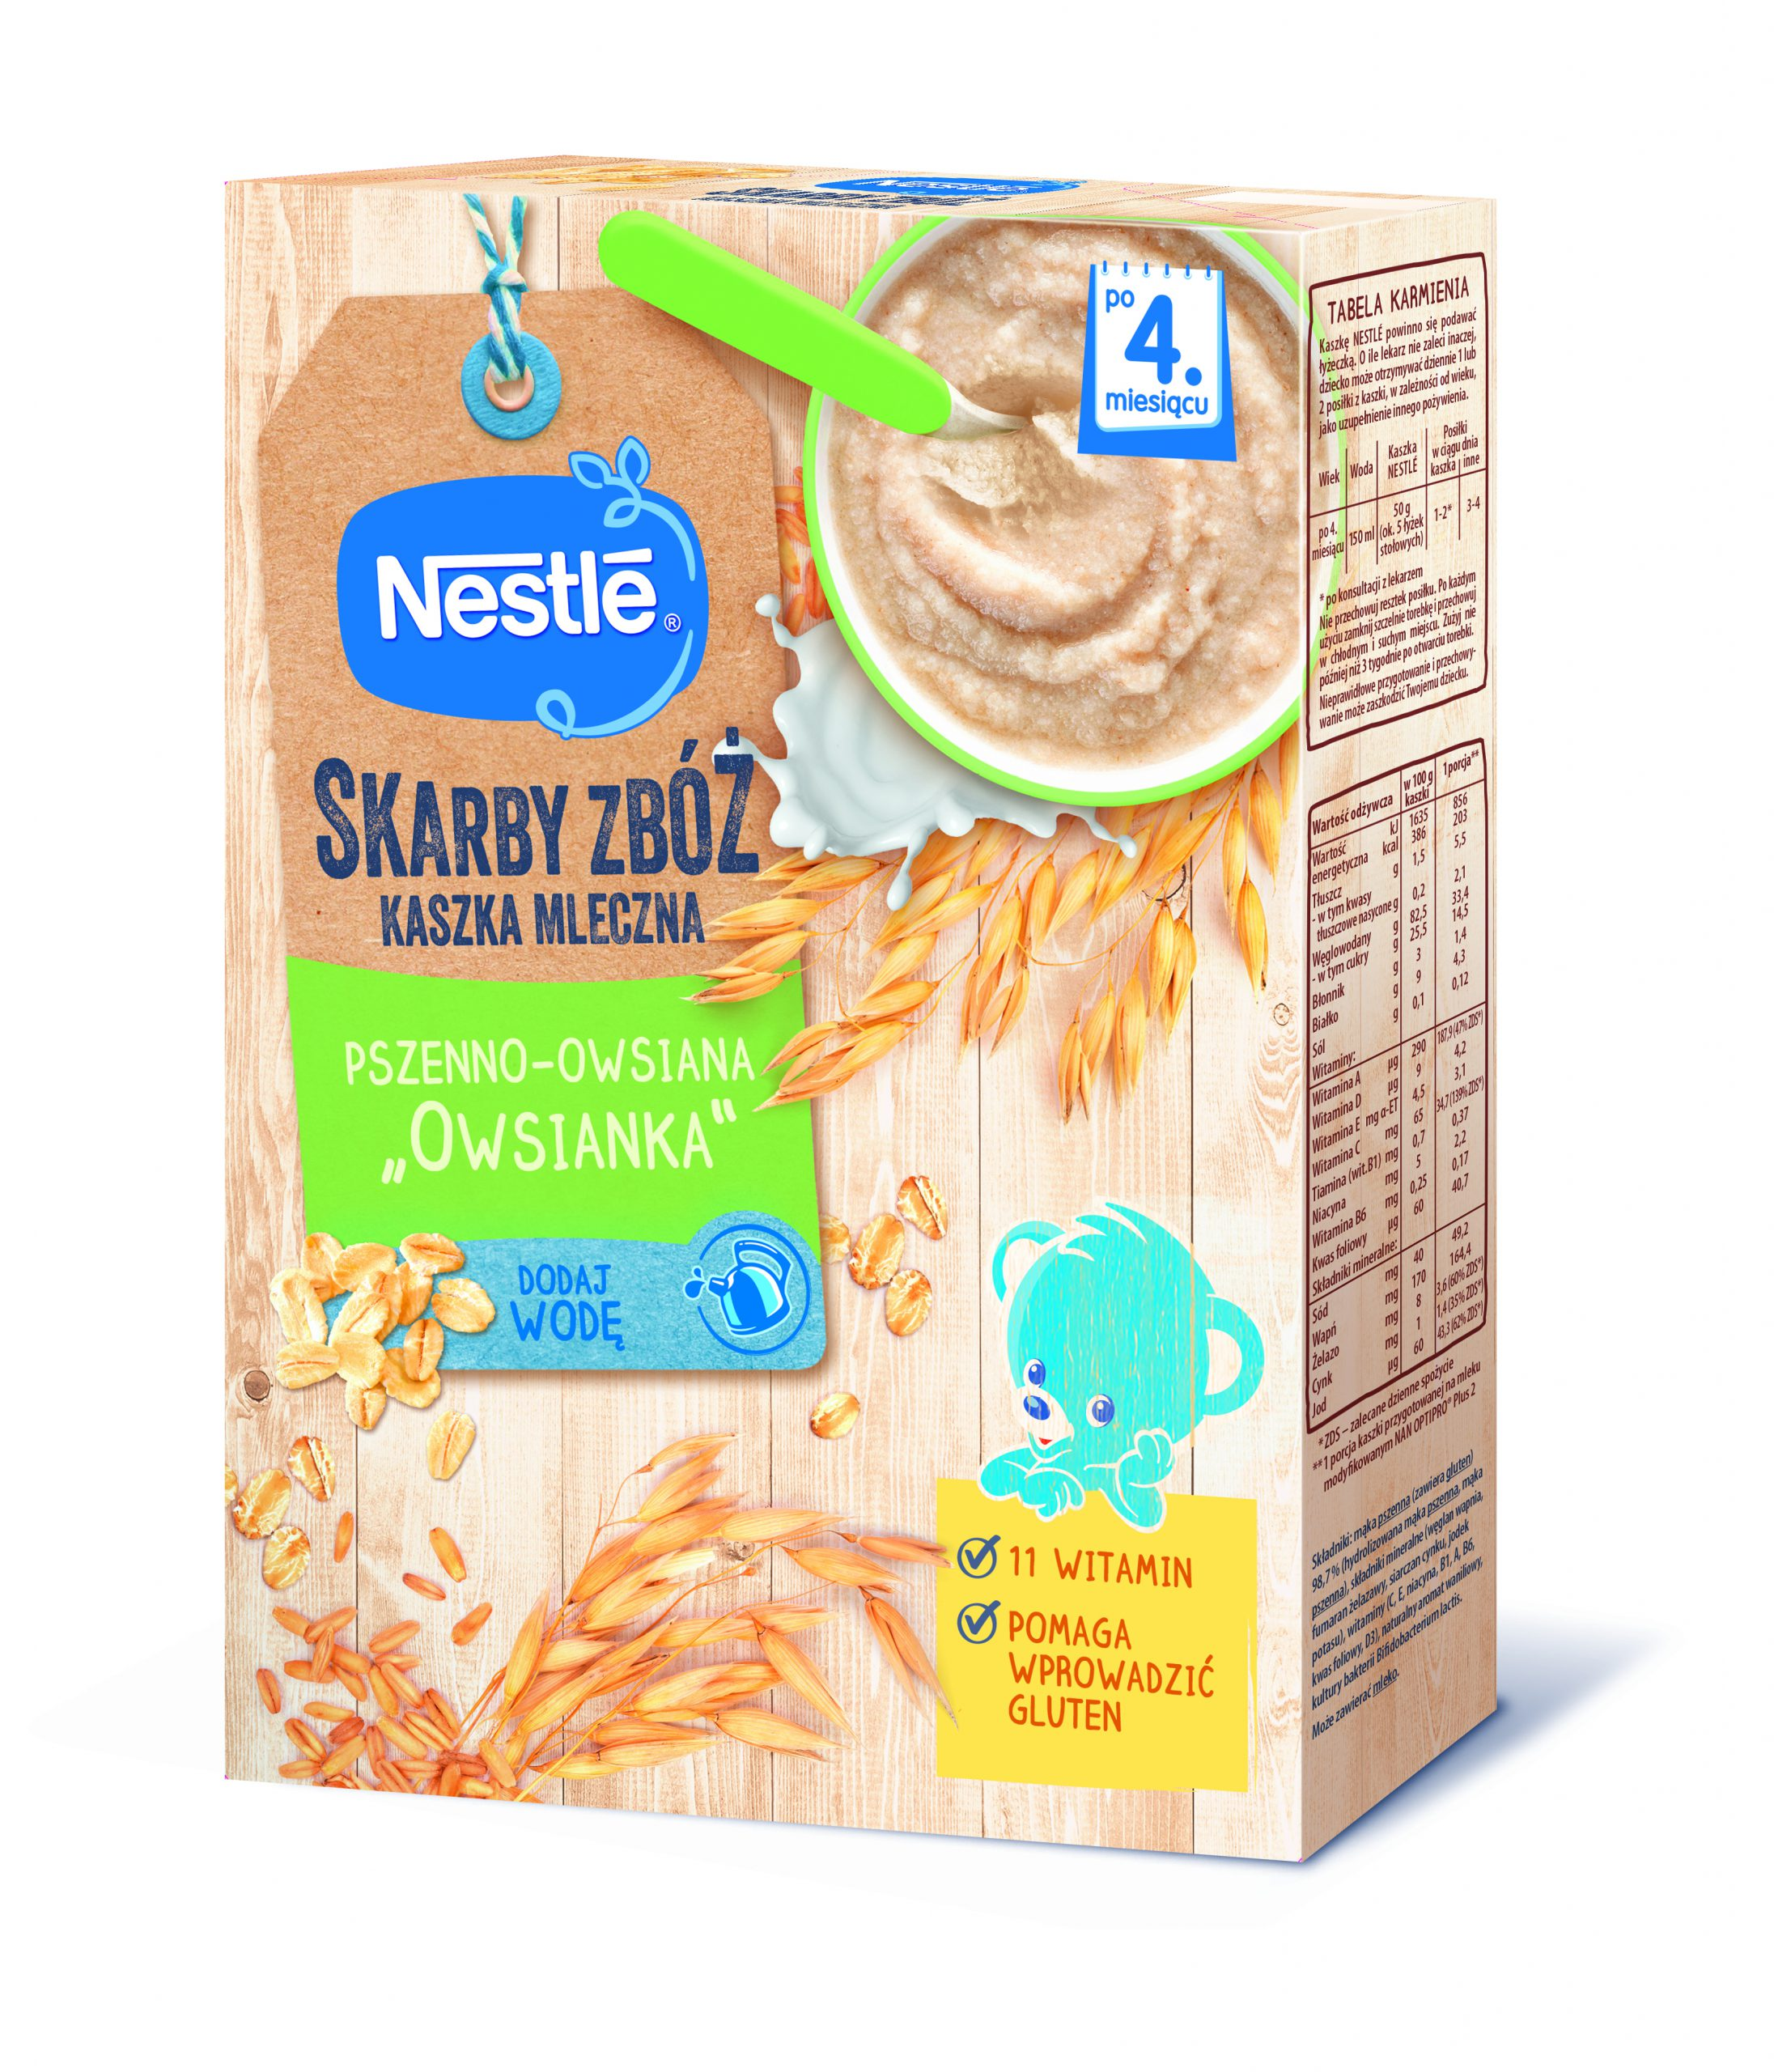 Nestlé wprowadziło linię kaszek Skarby Zbóż